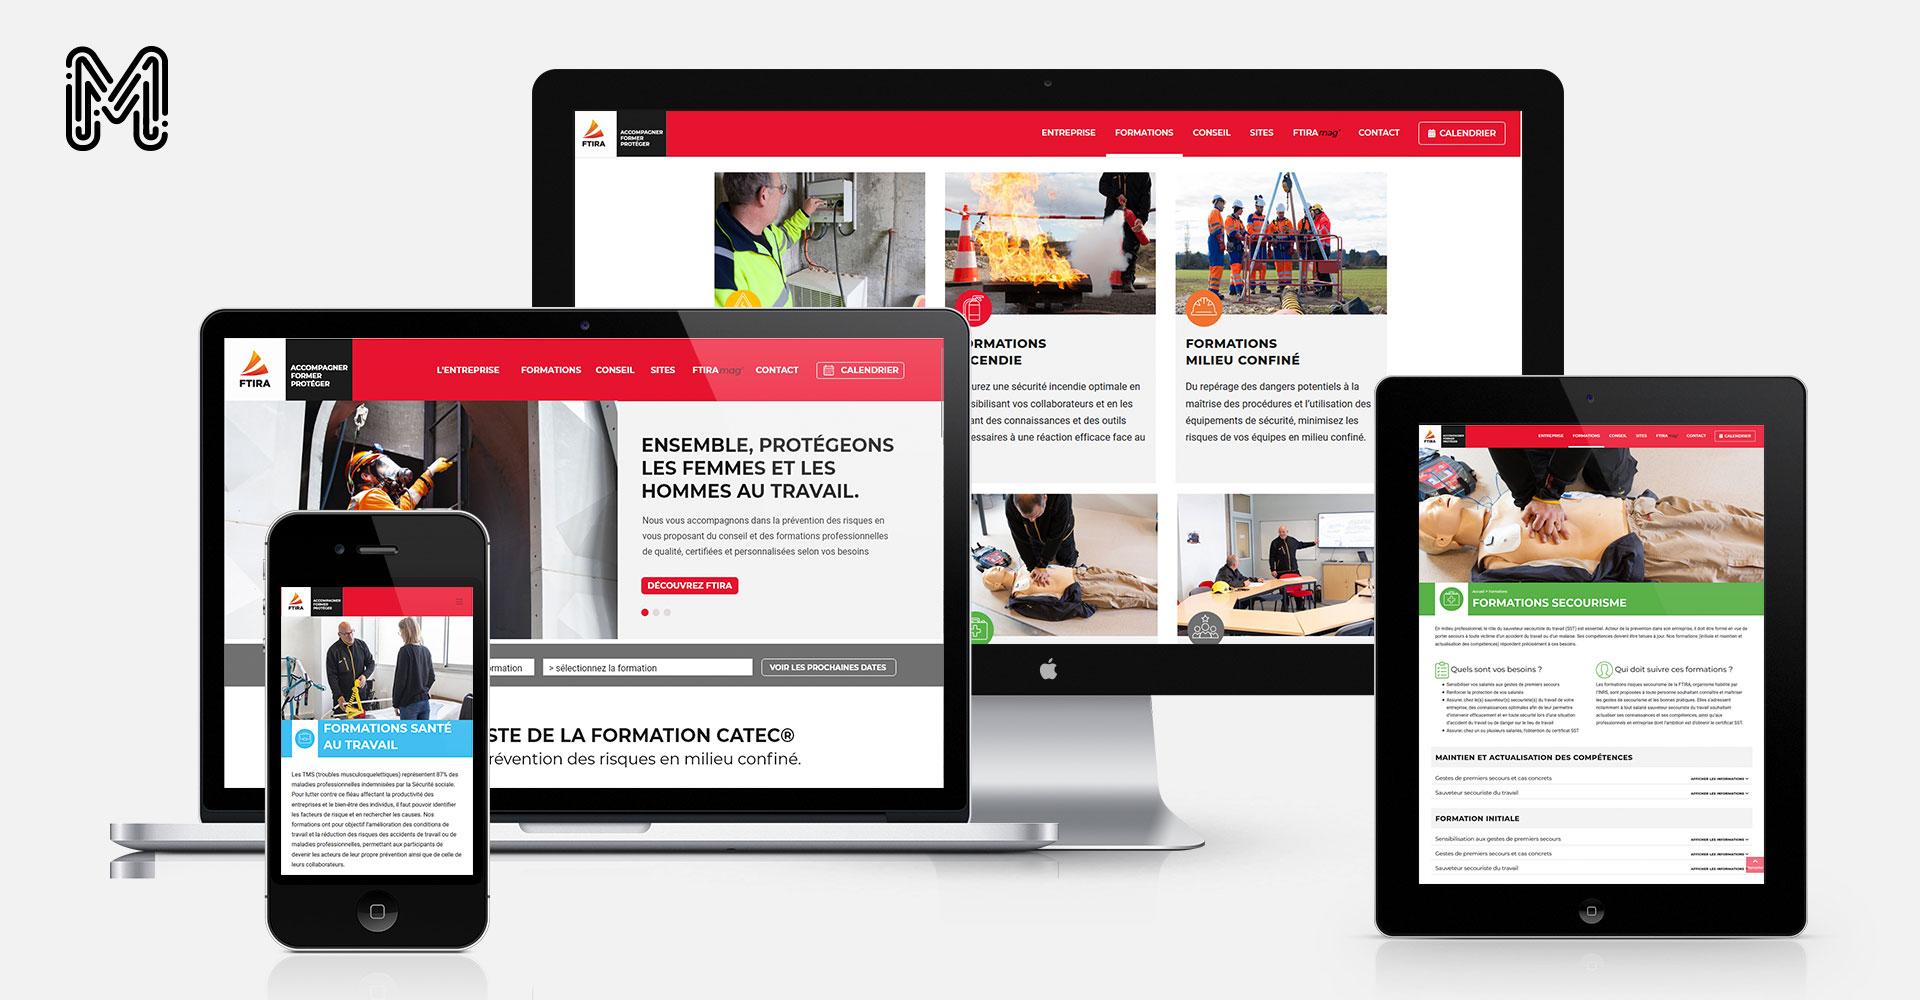 UX-UI-design -formation - éducation